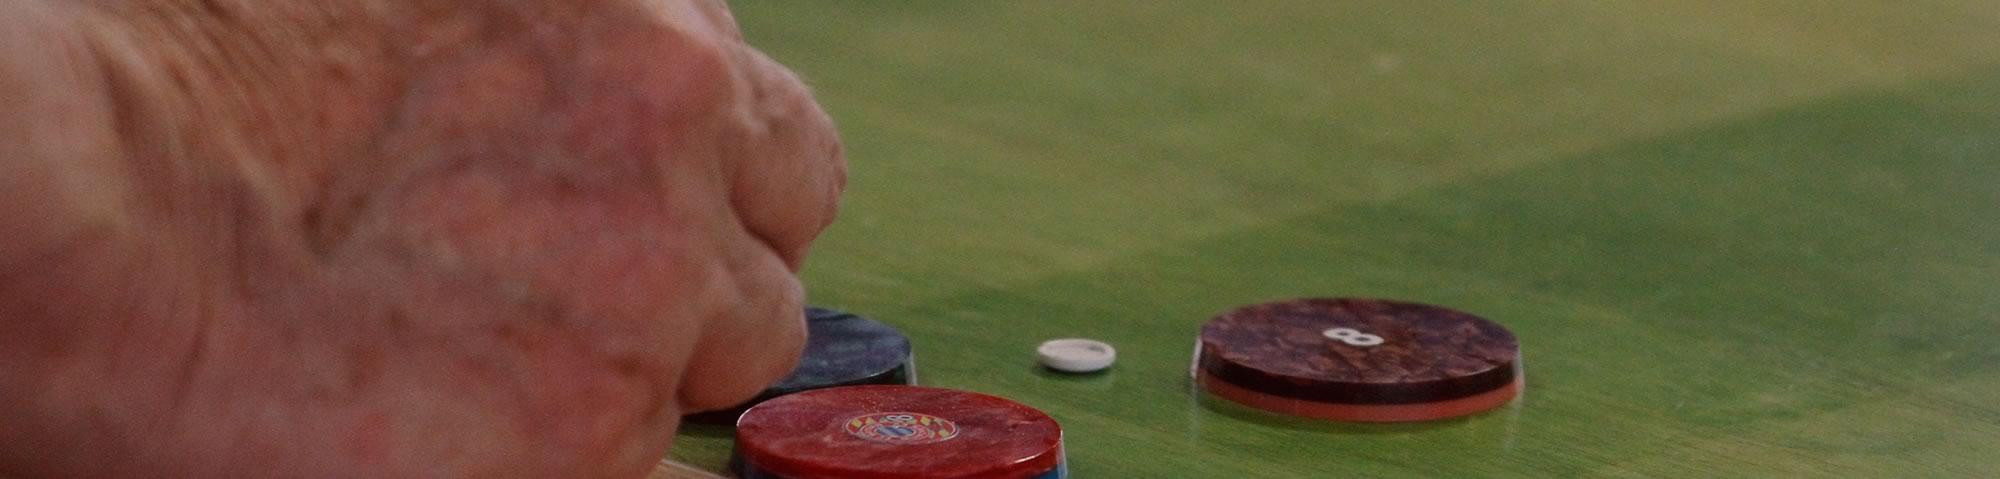 Futebol de botão em Diadema